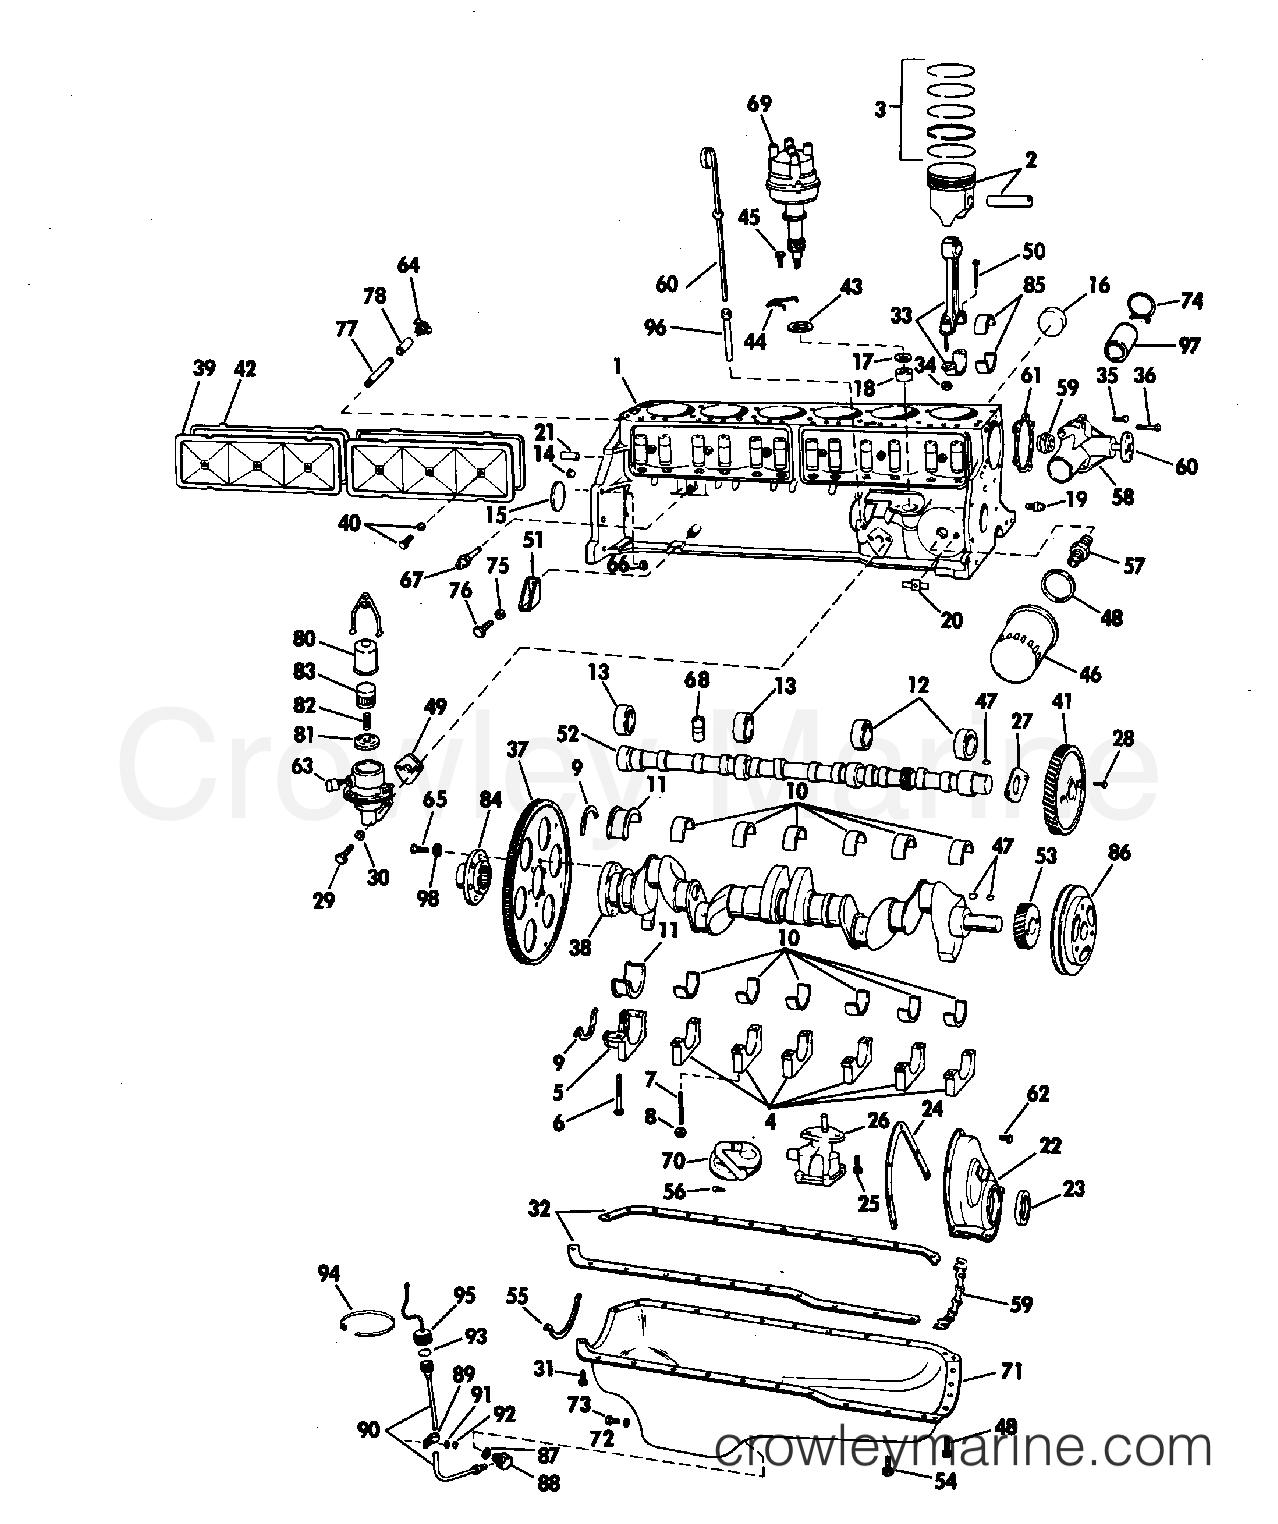 CRANKCASE GROUP 165 HP STERN DRIVE - 1972 OMC Stern Drive ...